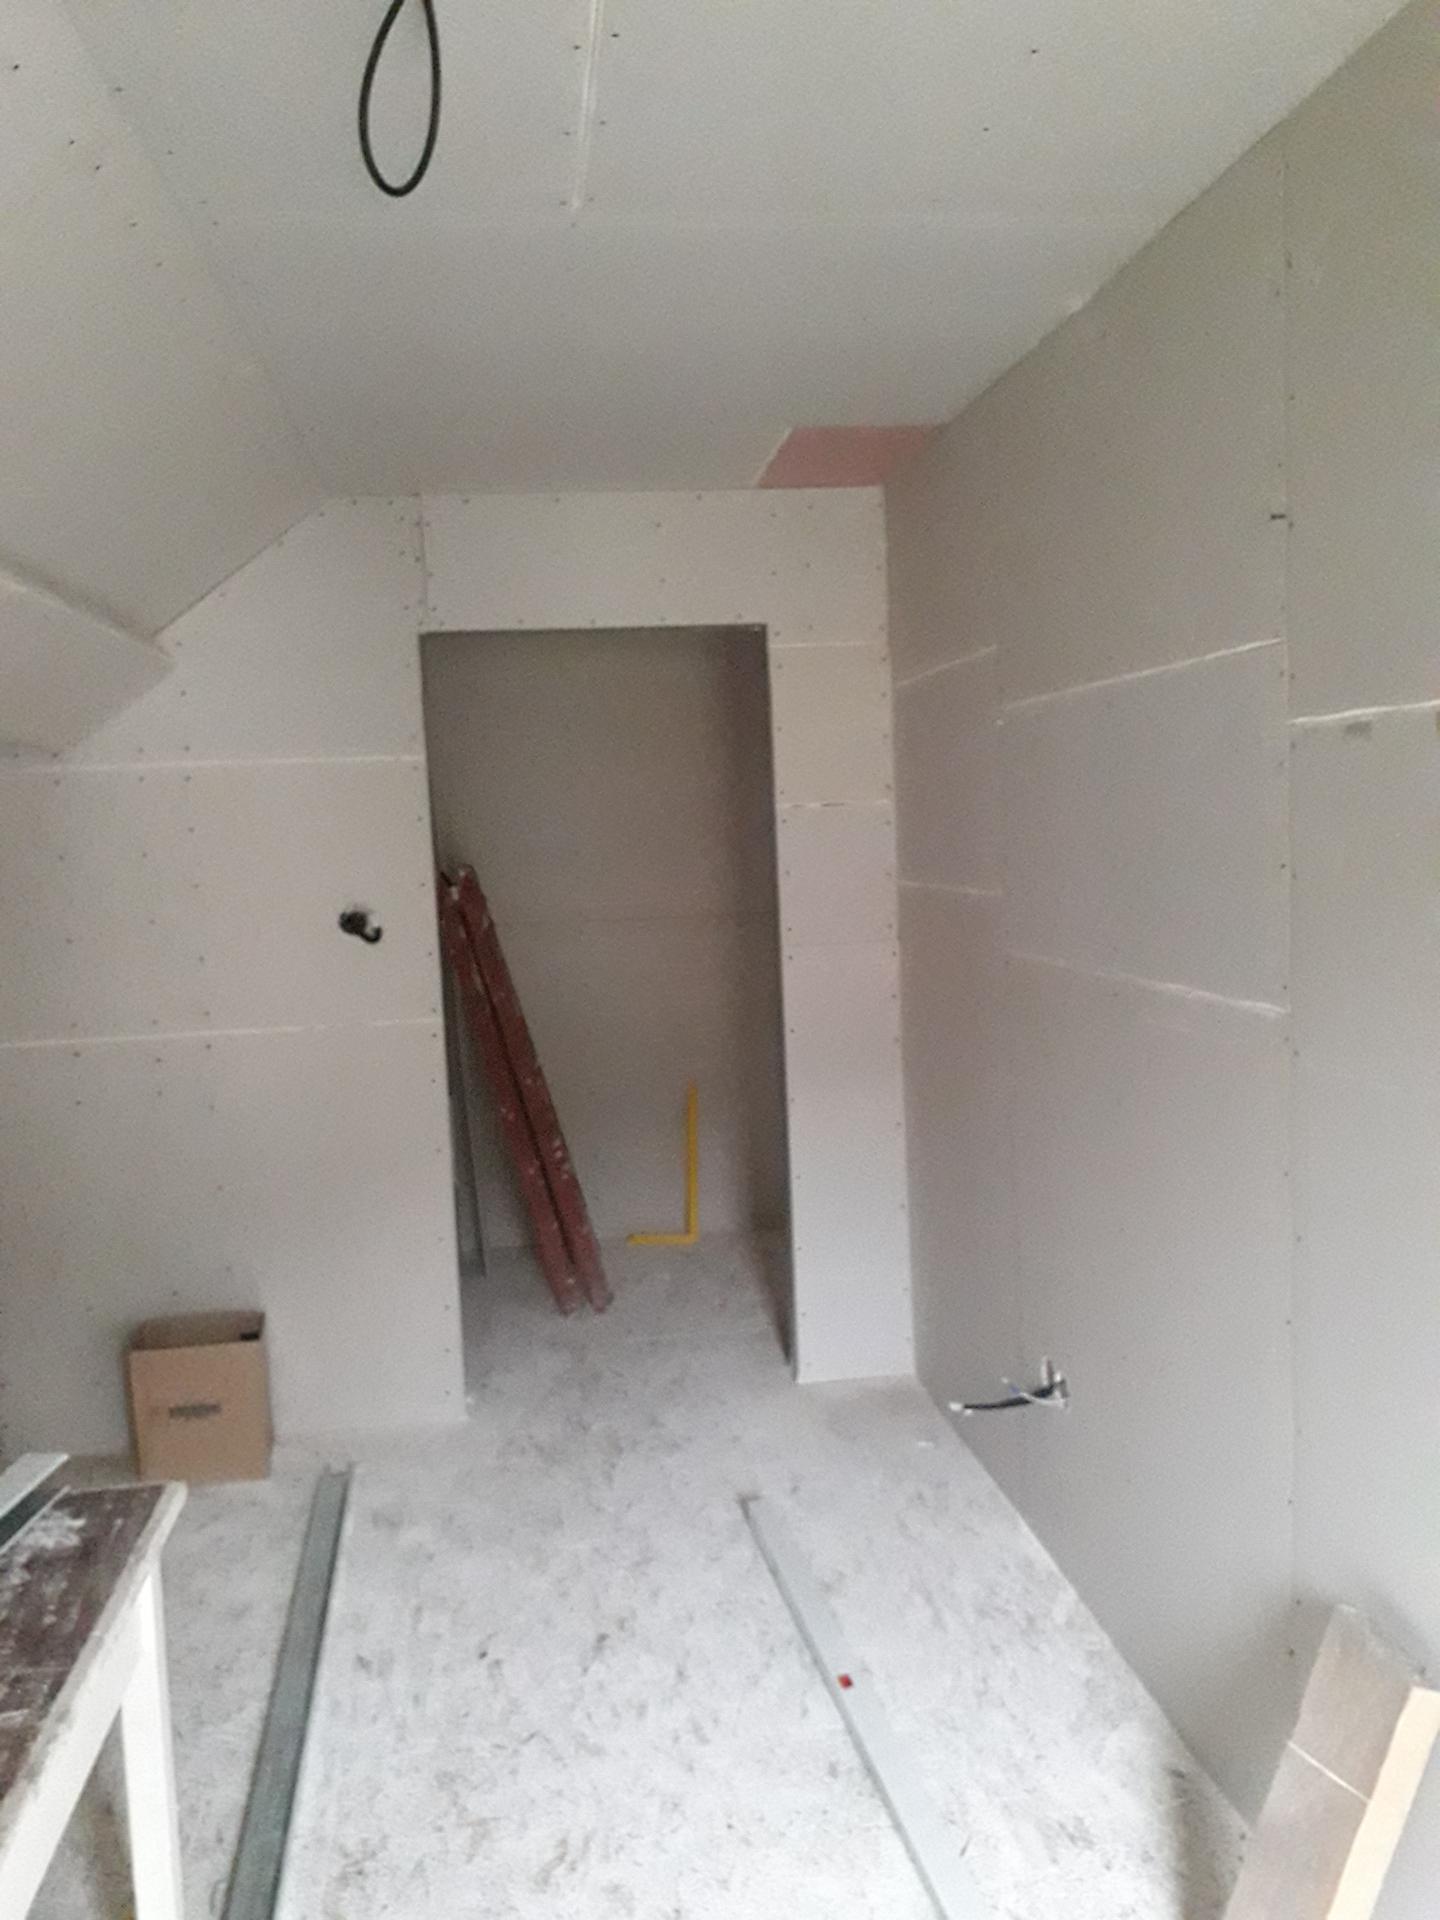 Dom/rekonštrukcia, sen/náročné obdobie :-) - izba syn, foto z opačnej strany 10/2019